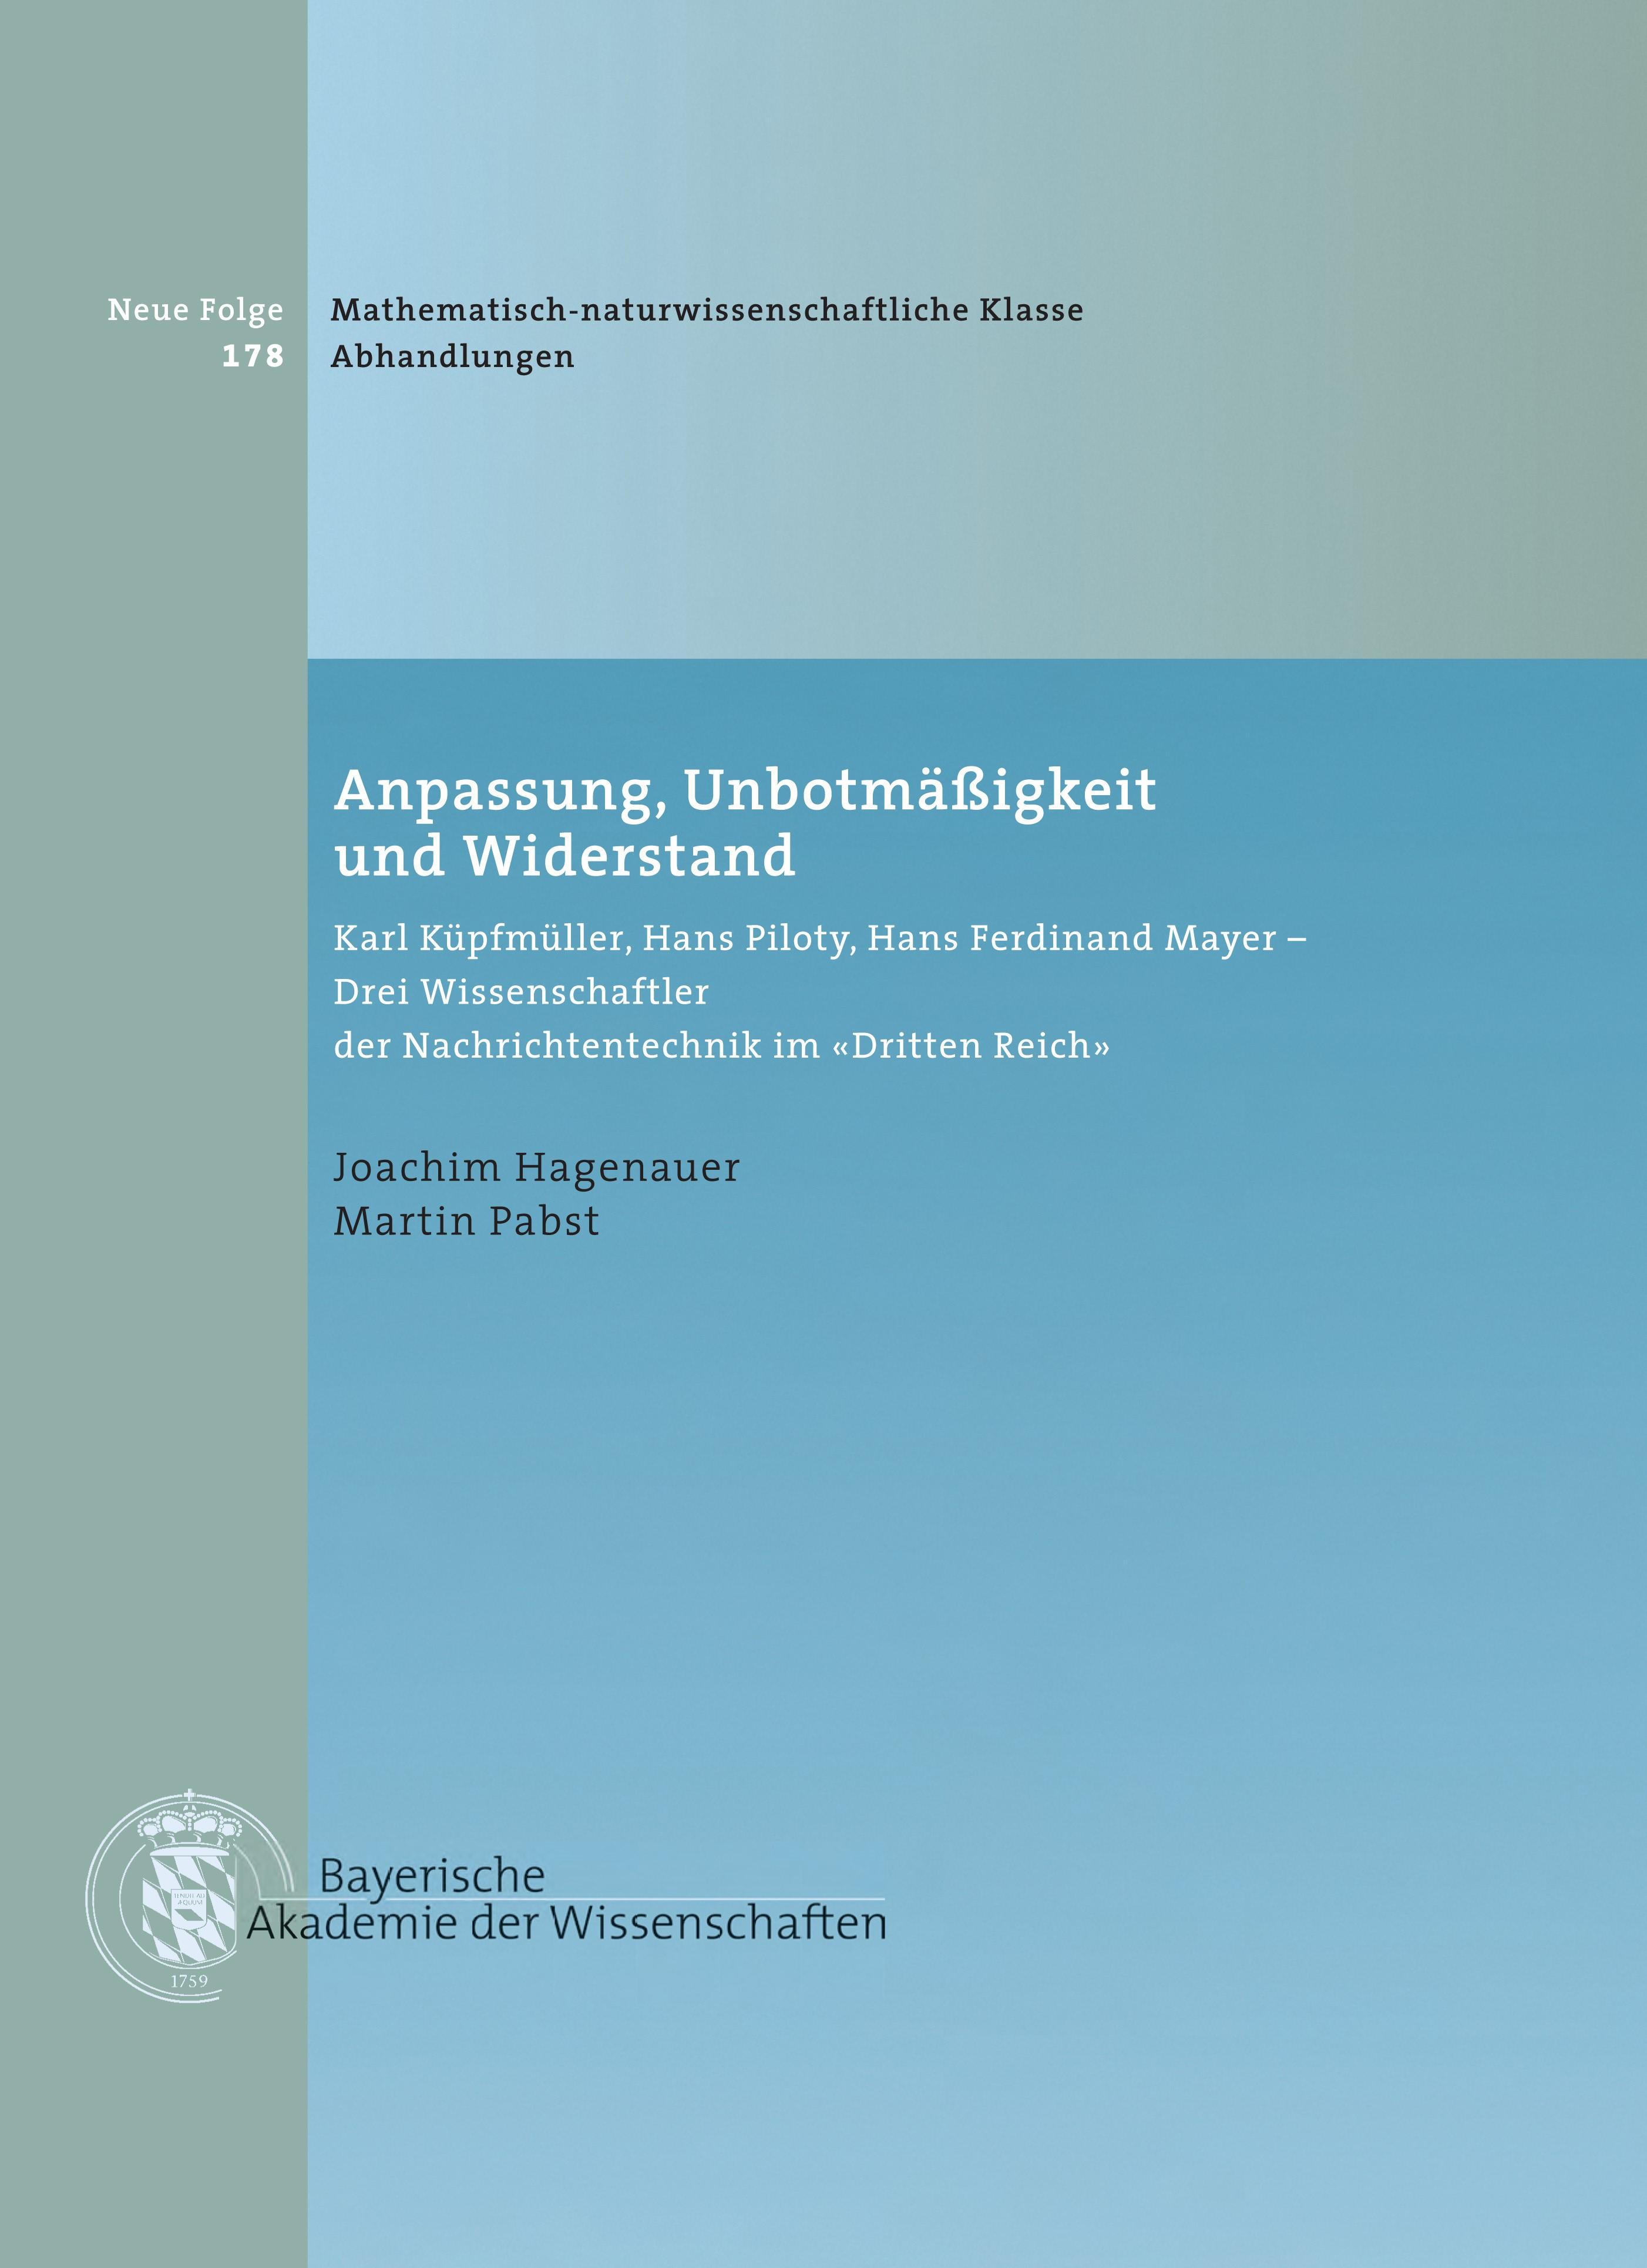 Cover des Buches 'Anpassung, Unbotmäßigkeit und Widerstand'